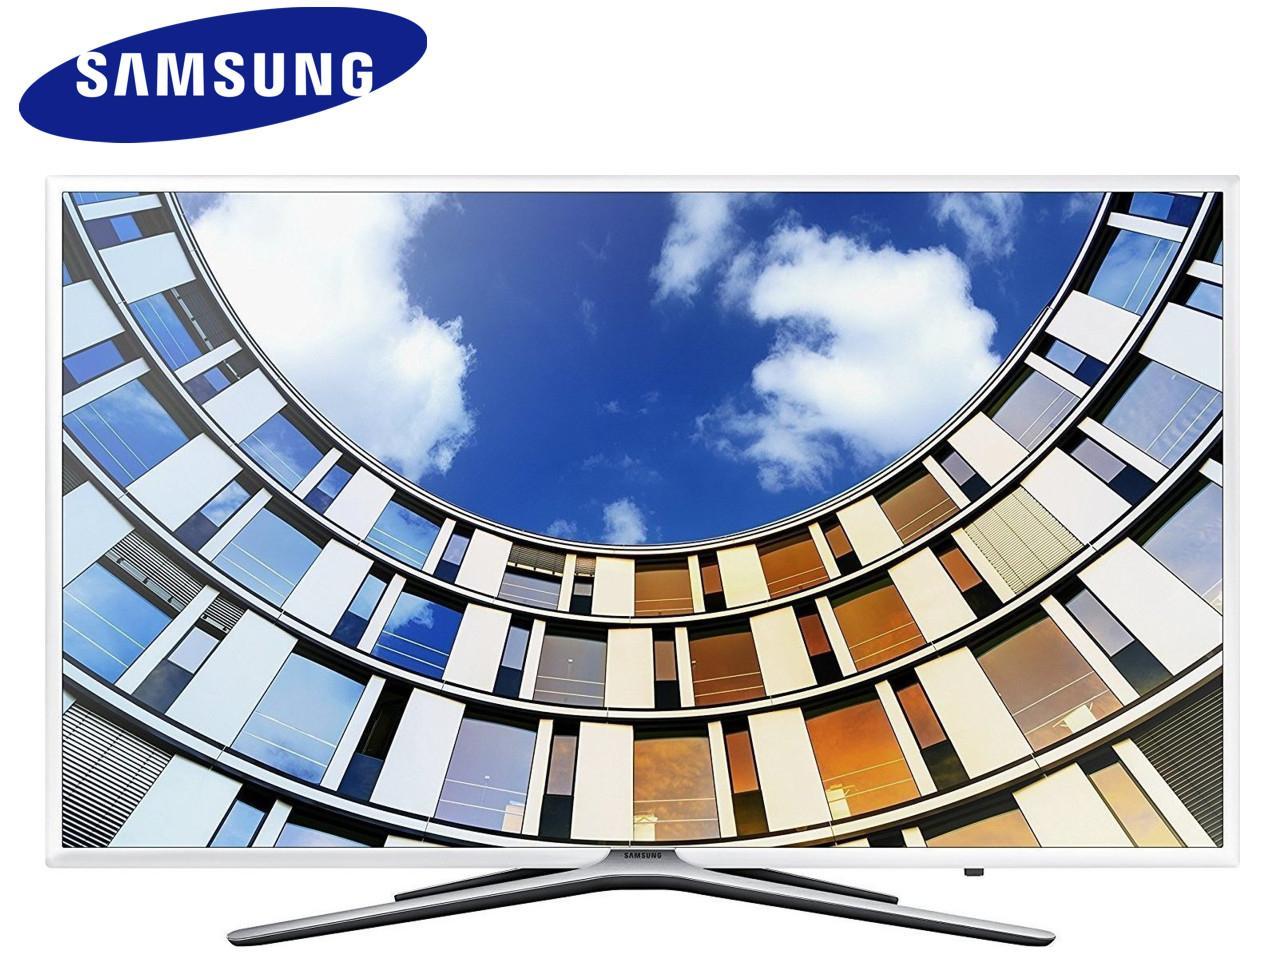 SAMSUNG UE49M5582 (ekv. model UE49M5572) + záruka 3 roky! + 700 Kč na dárky nebo další nákup | CHAT on-line podpora PO-PÁ 8-22.00!!